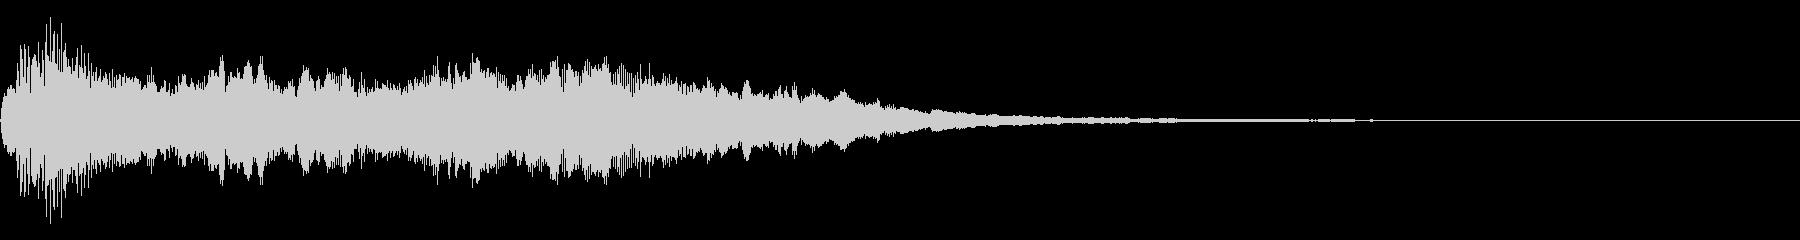 コーラスとハープのゴージャスな効果音の未再生の波形